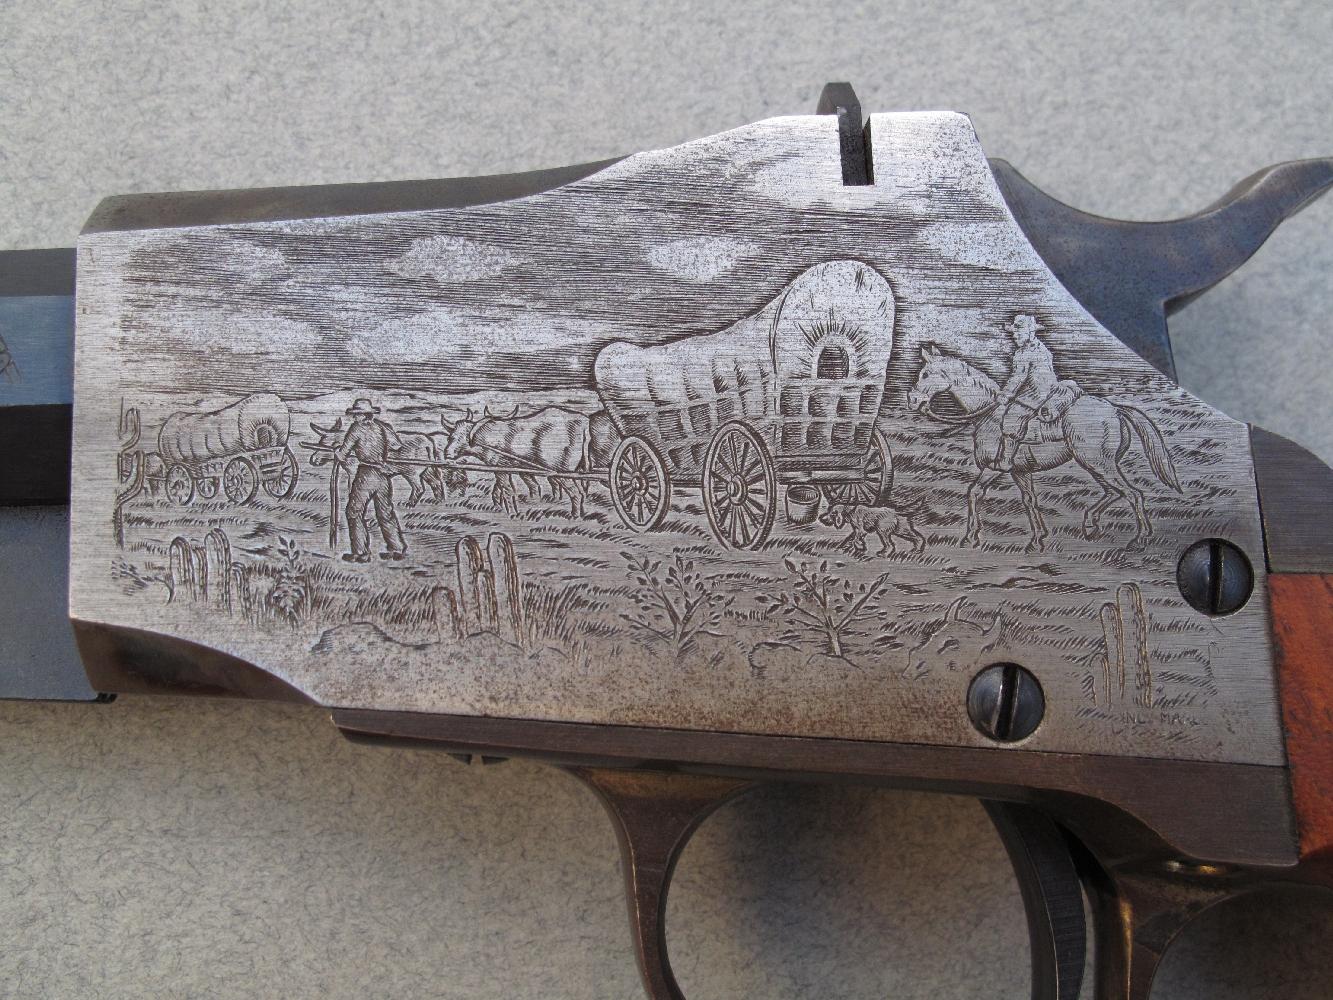 La gravure, sur le côté gauche de la carcasse, représente un convoi de pionniers en route vers l'Ouest, dans un paysage désertique dont les cactus rappellent ceux de l'Arizona. Les hommes accompagnent, à pied ou à cheval, les chariots tirés par des bœufs.